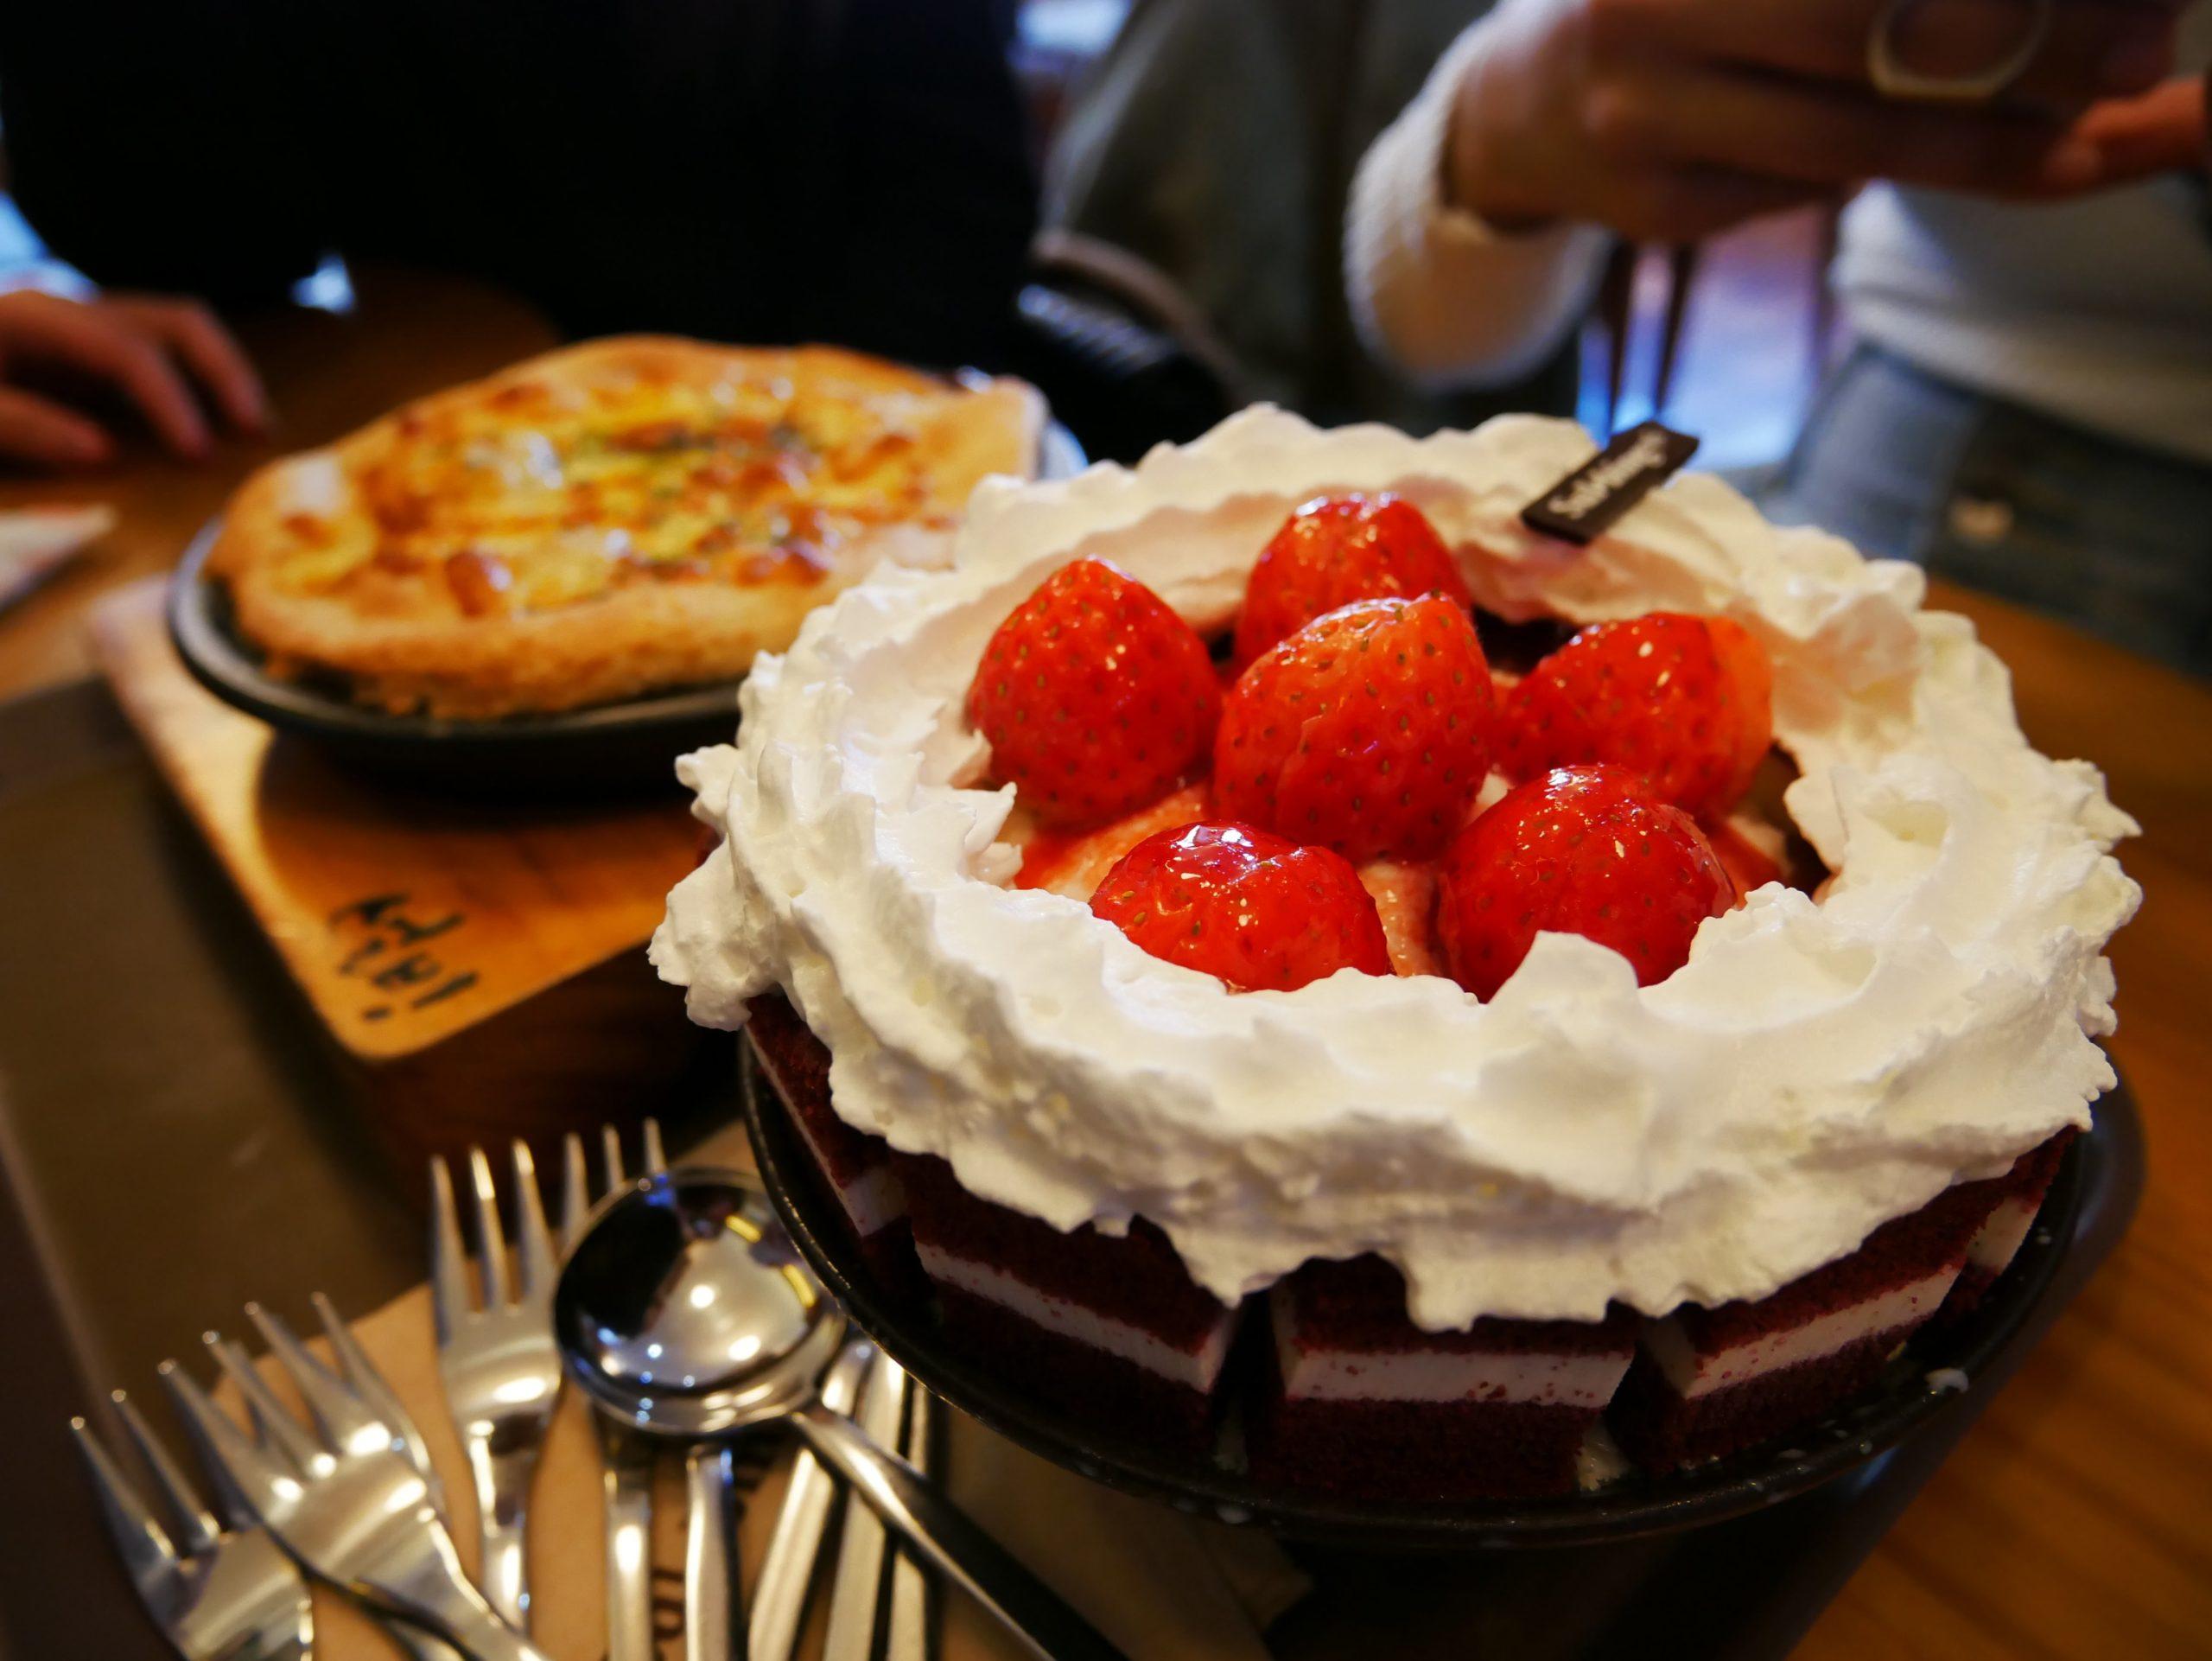 韓國首爾|江南新沙洞 Sulbing 雪冰 夢幻極品甜點